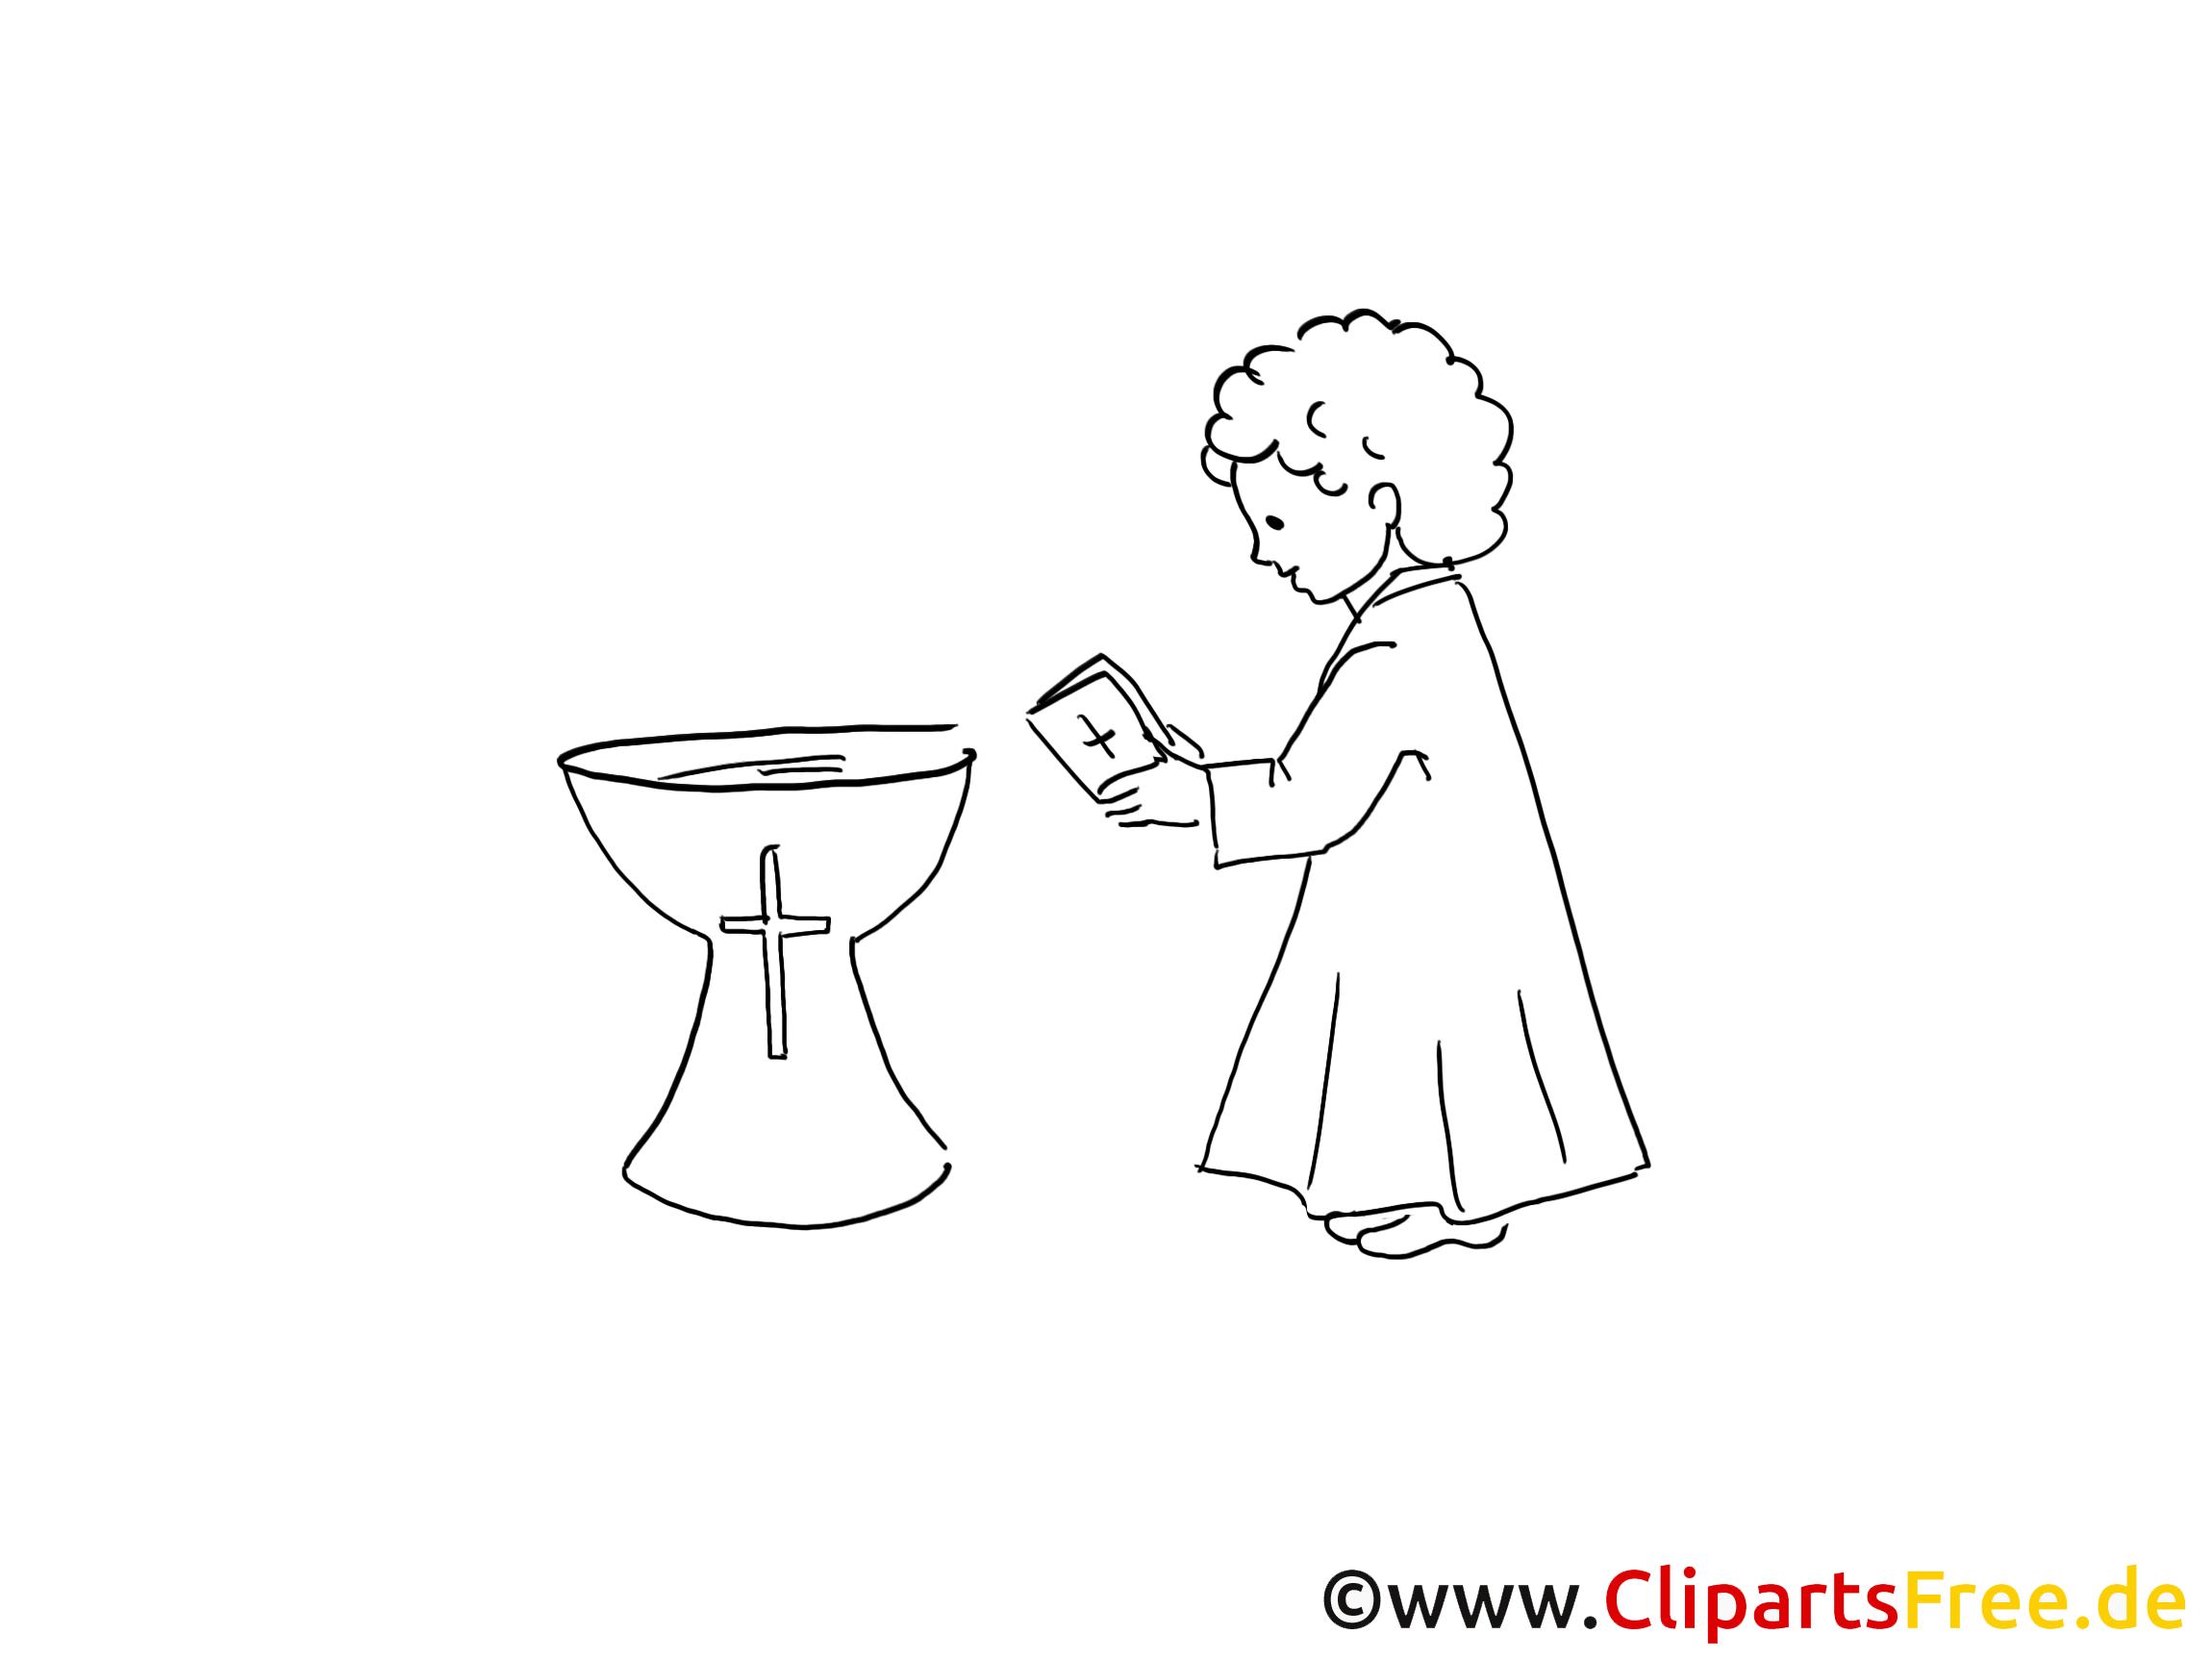 Taufe Ausmalbild Für Kinder Kostenlos Ausdrucken